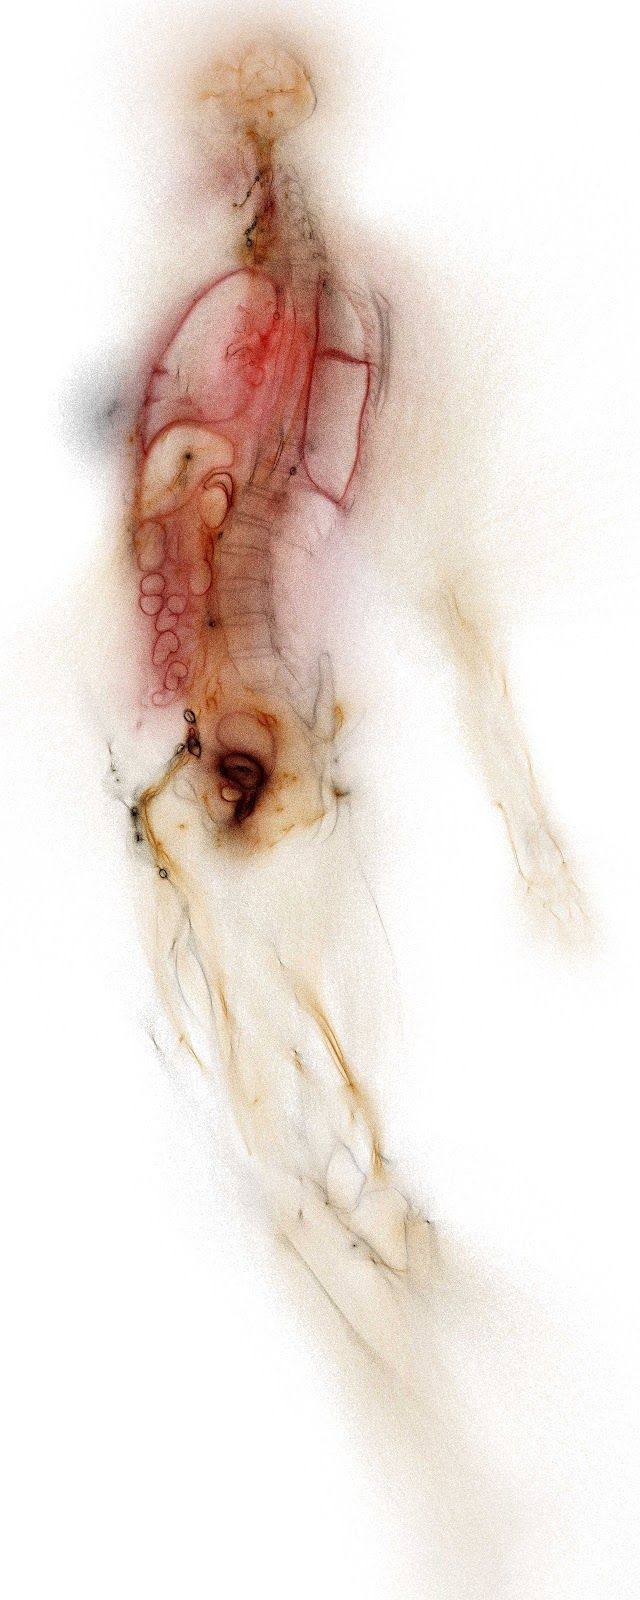 Pin de Katherine Victoria en Colour   Pinterest   Anatomía, Cuerpo y ...